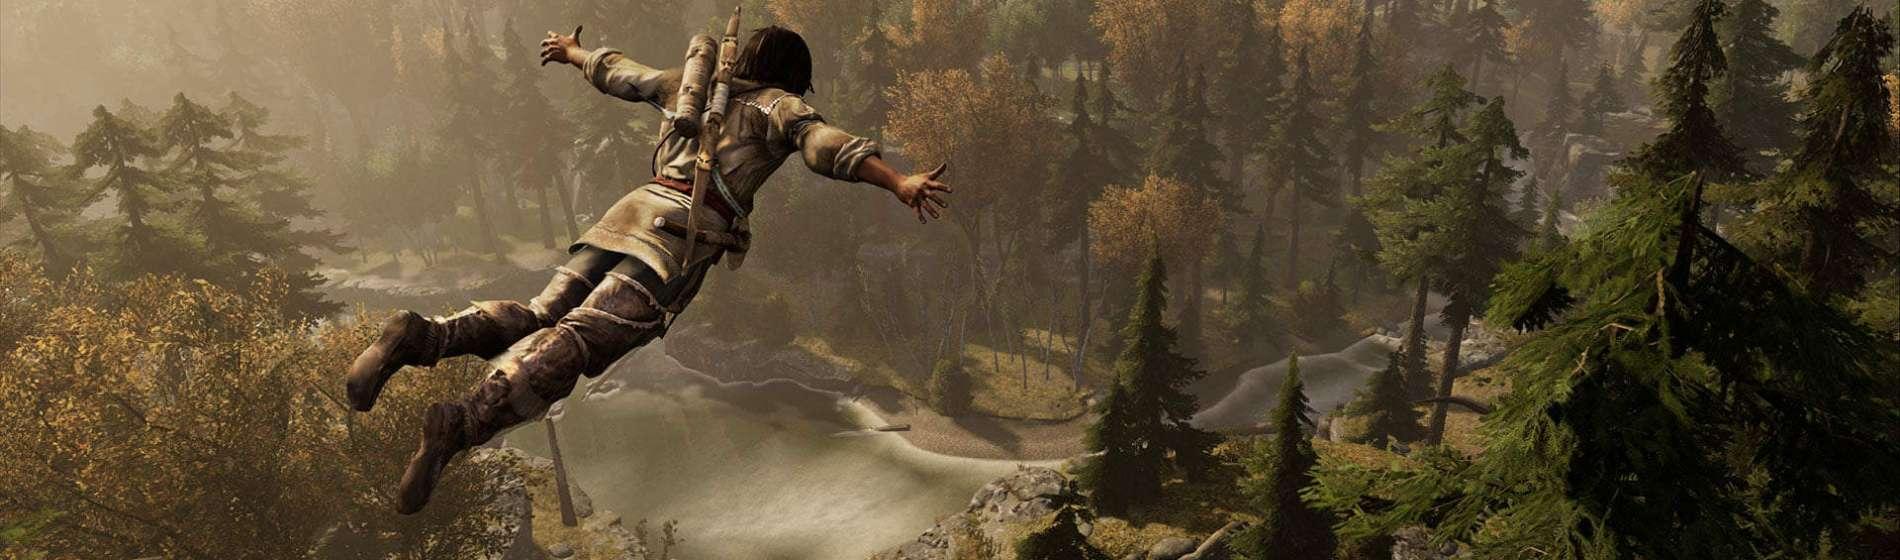 Assassins-Creed-III-Leap-Of-Faith